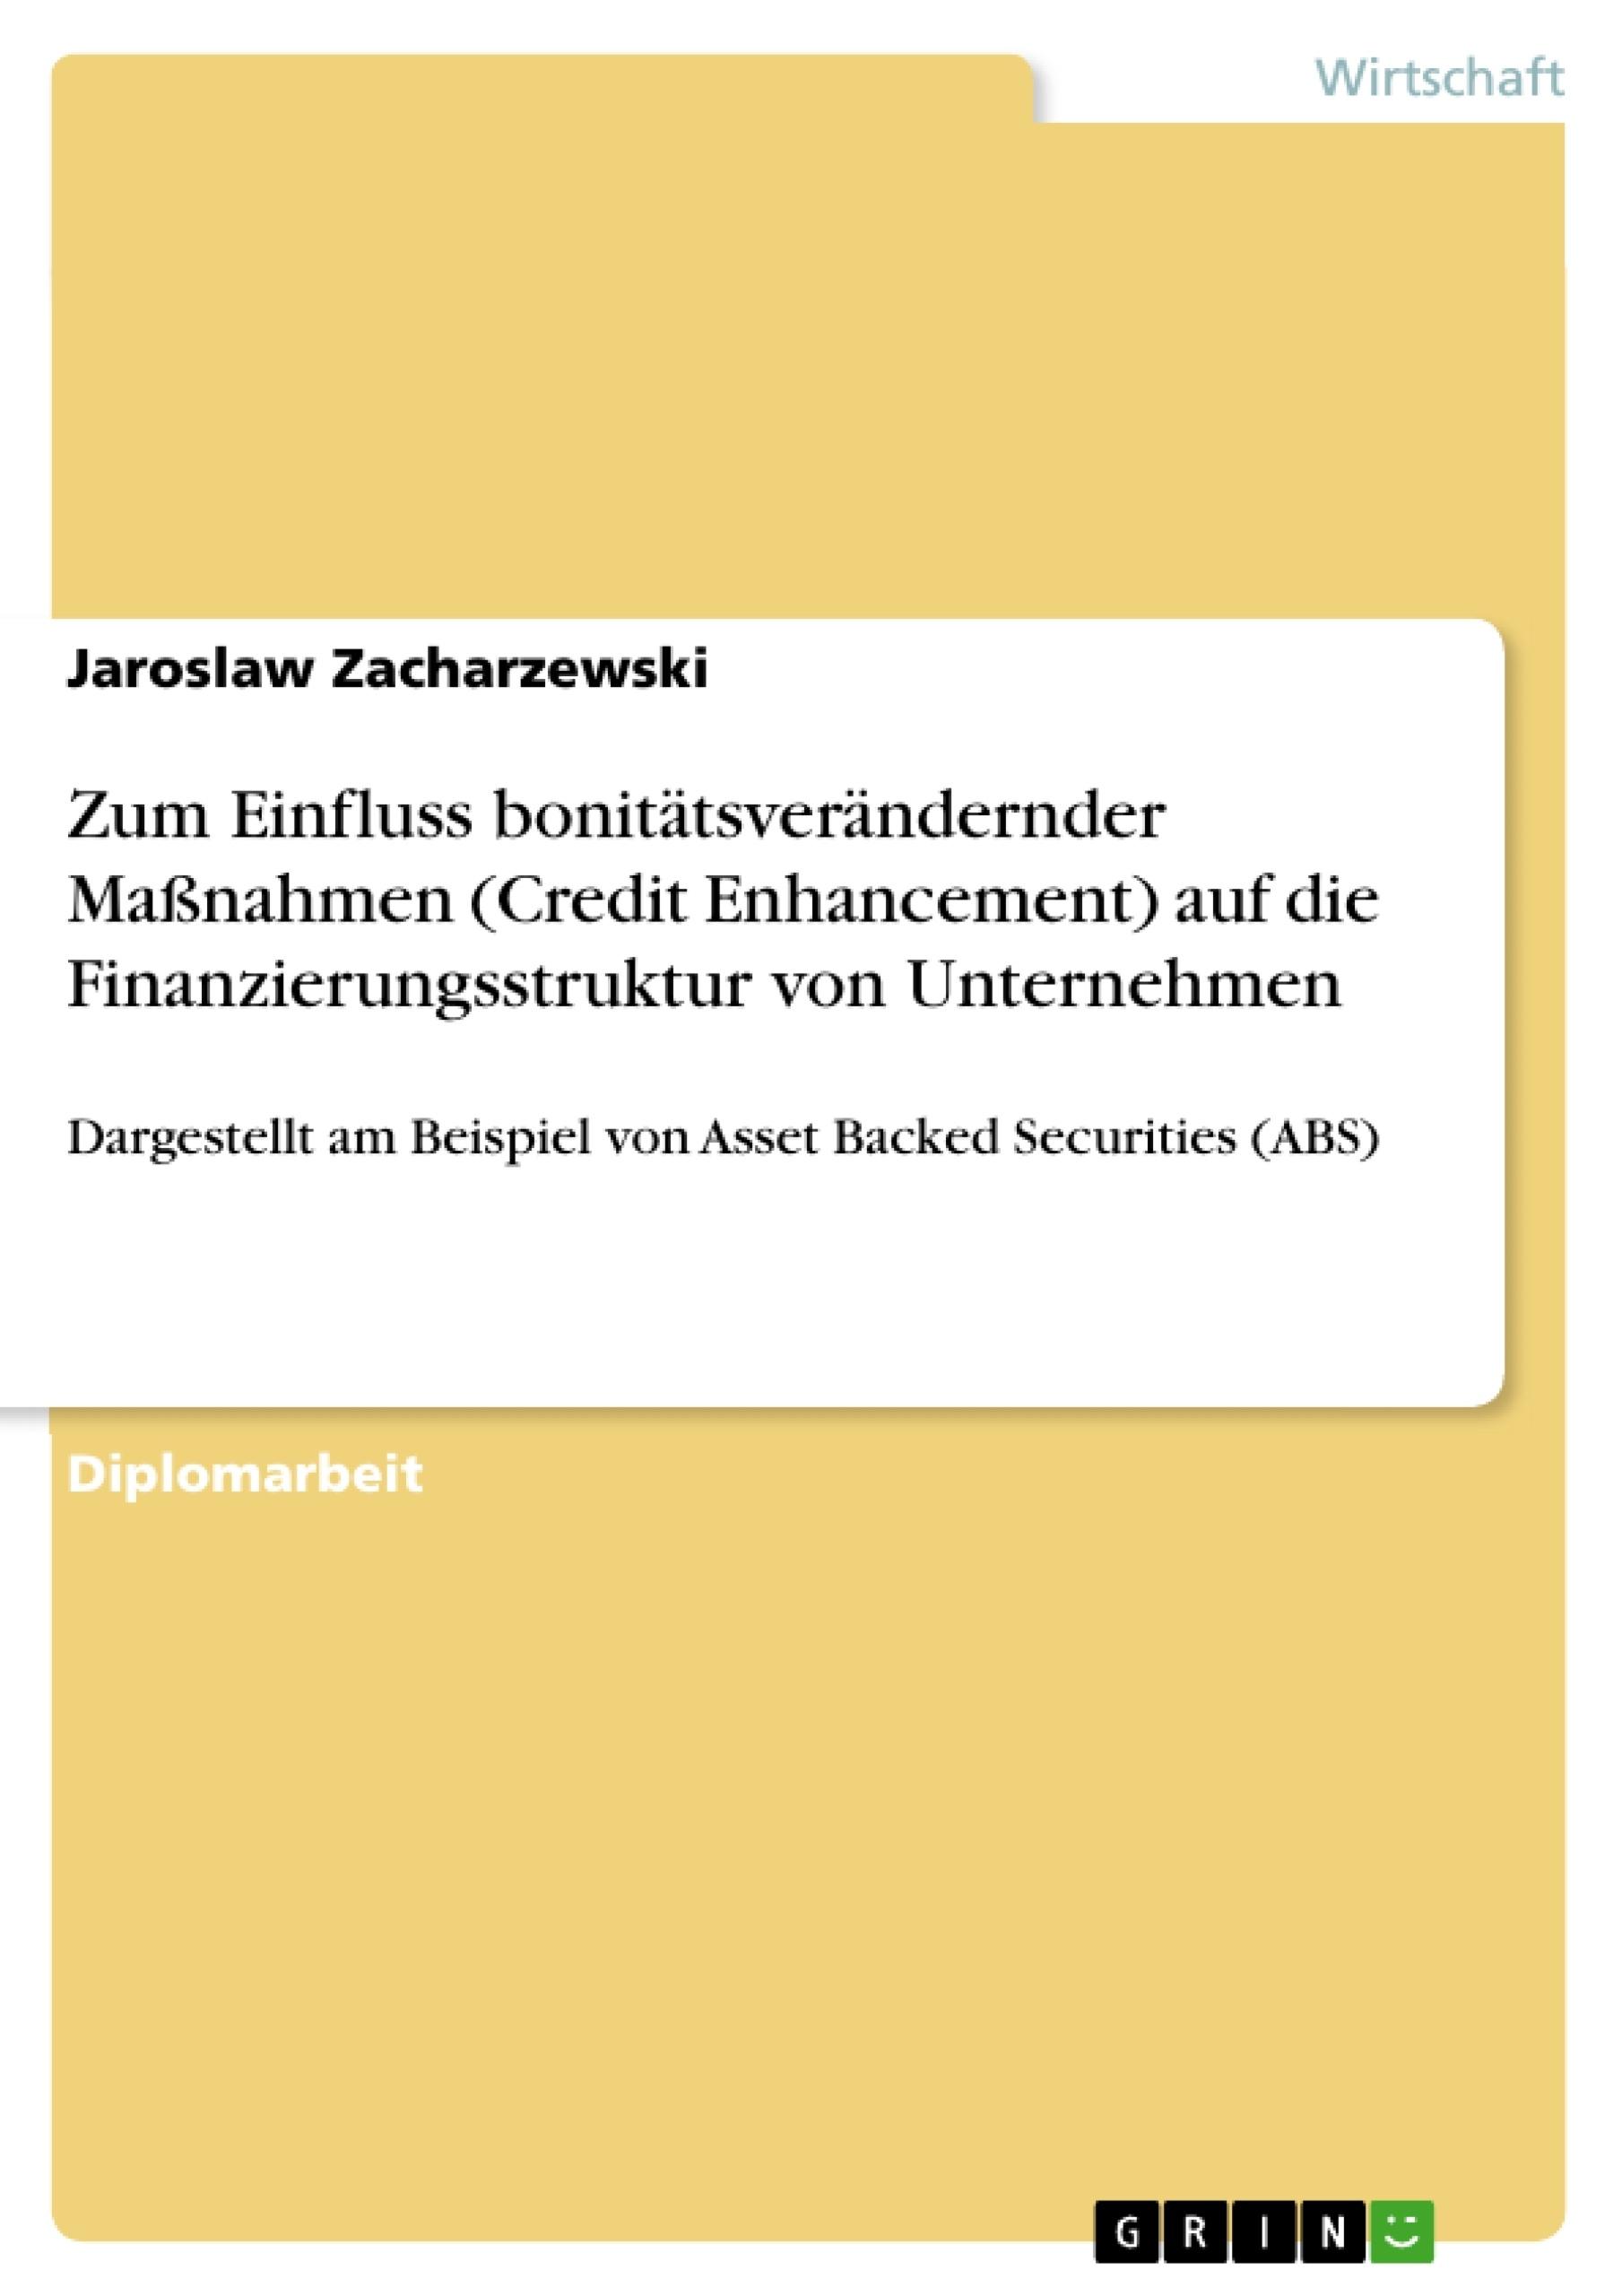 Titel: Zum Einfluss bonitätsverändernder Maßnahmen (Credit Enhancement) auf die Finanzierungsstruktur von Unternehmen